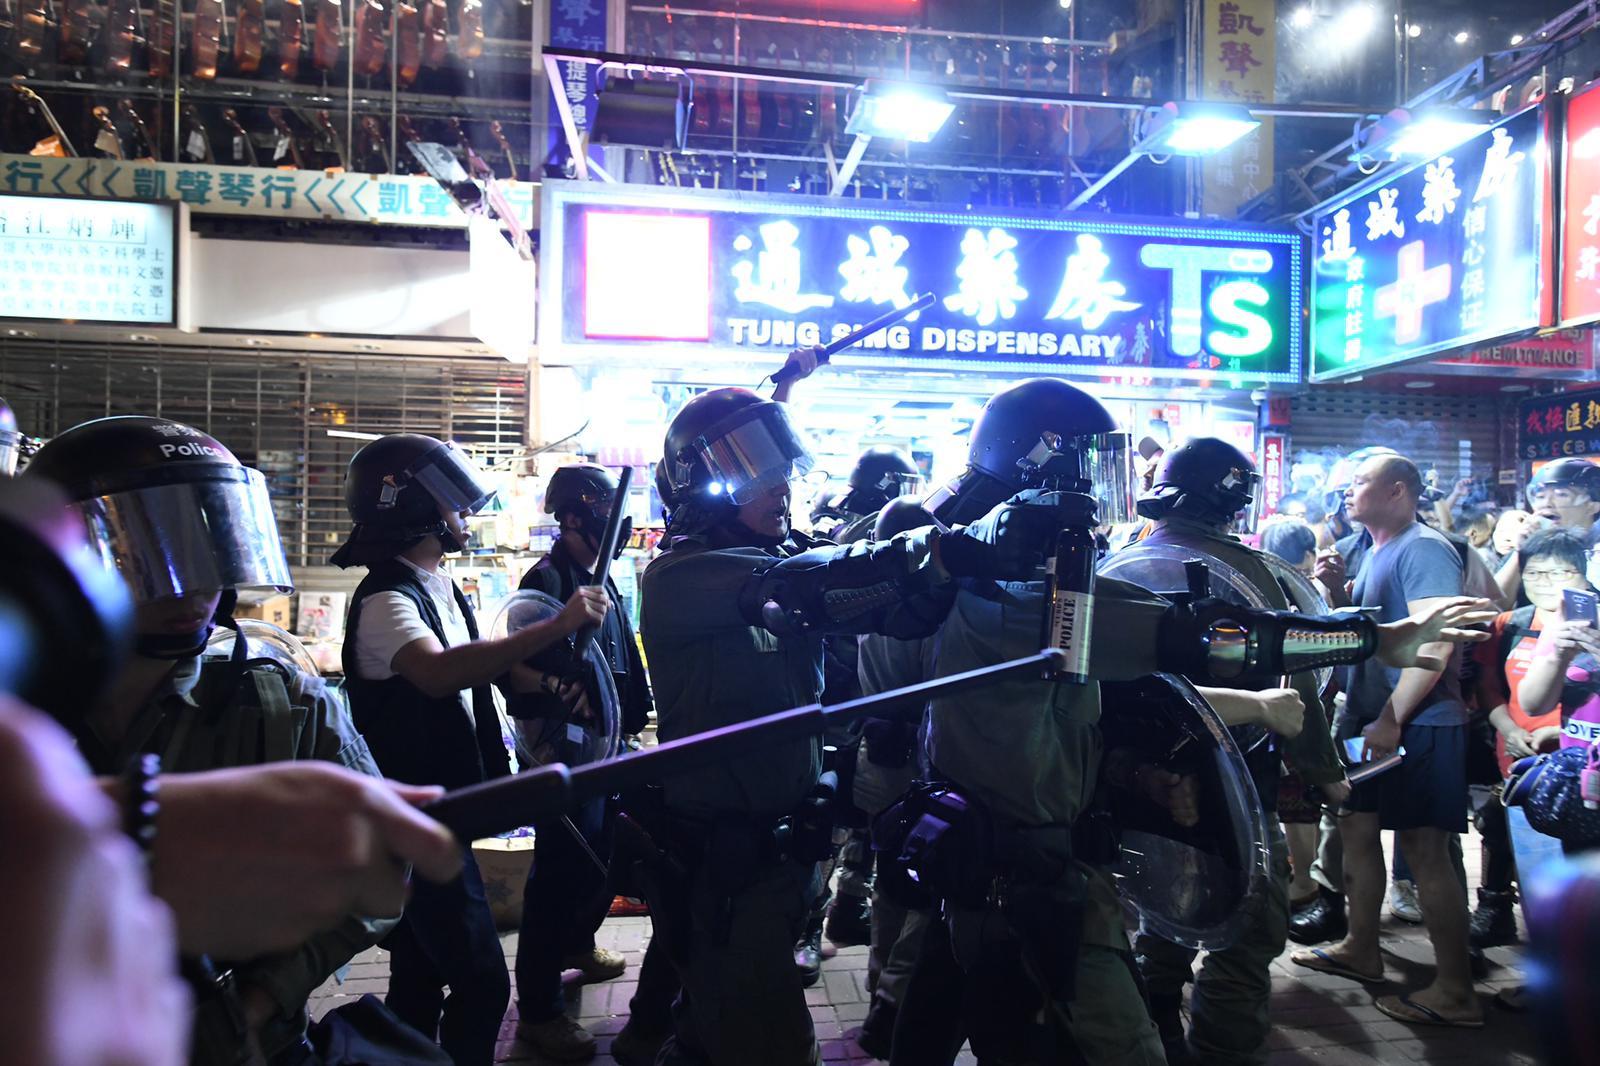 【修例风波】警旺角开枪清场 疑有女警员乔装示威者拉人